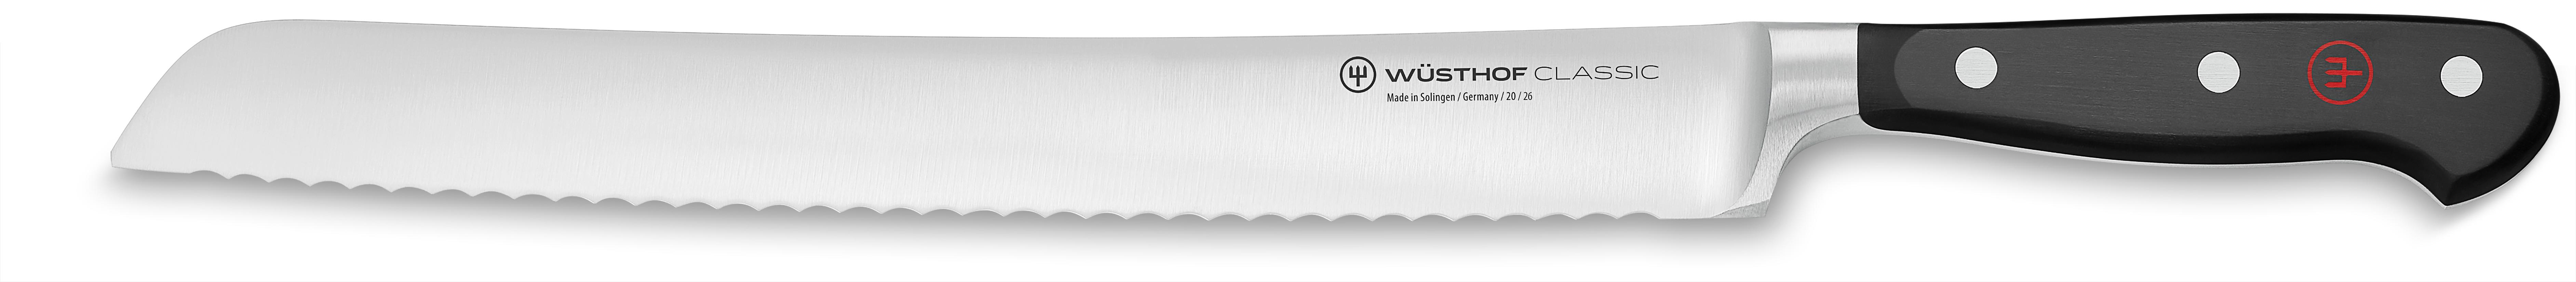 Brotmesser / Bread knife